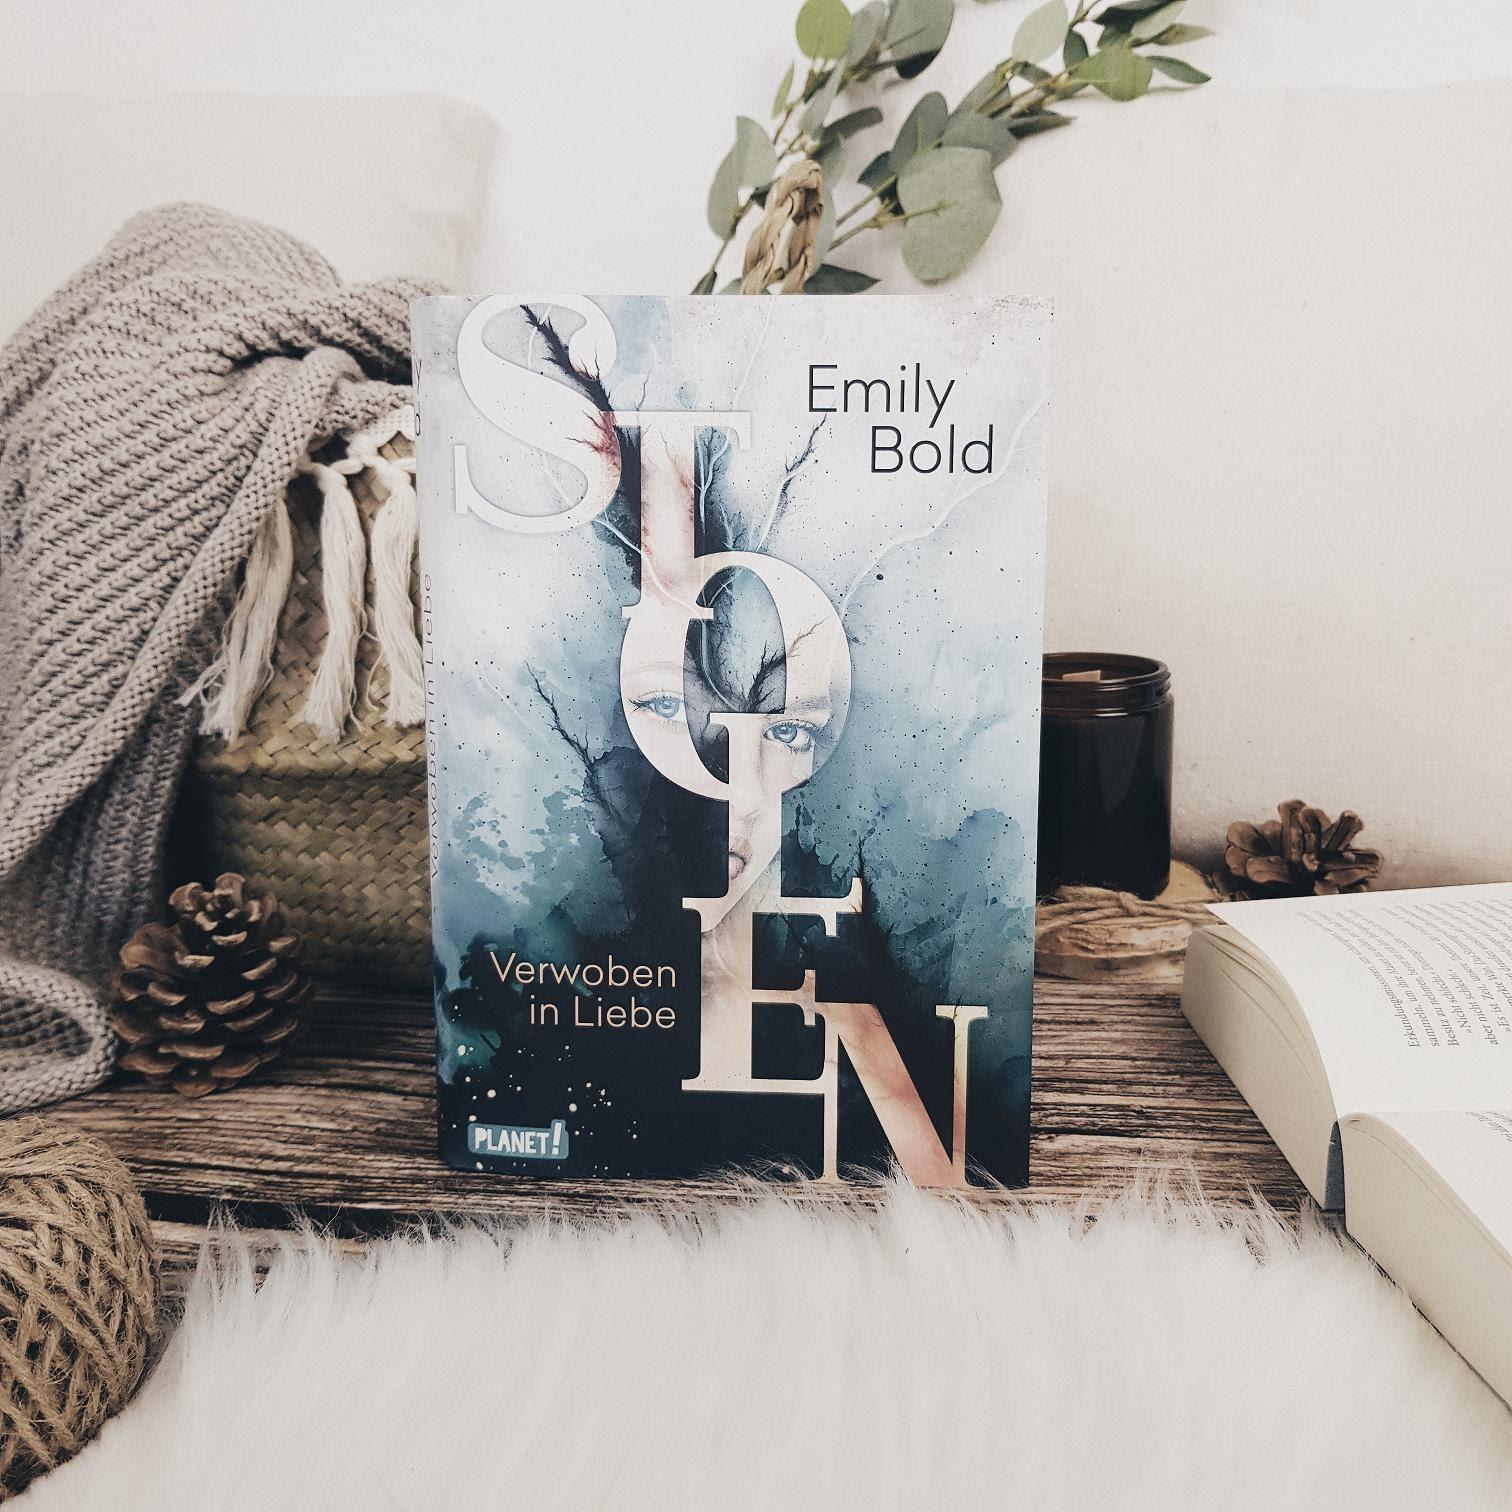 Bücherblog. Rezension. Buchcover. Stolen - Verwoben in Liebe (Band 1) von Emily Bold. Jugendbuch. Fantasy. Planet!.